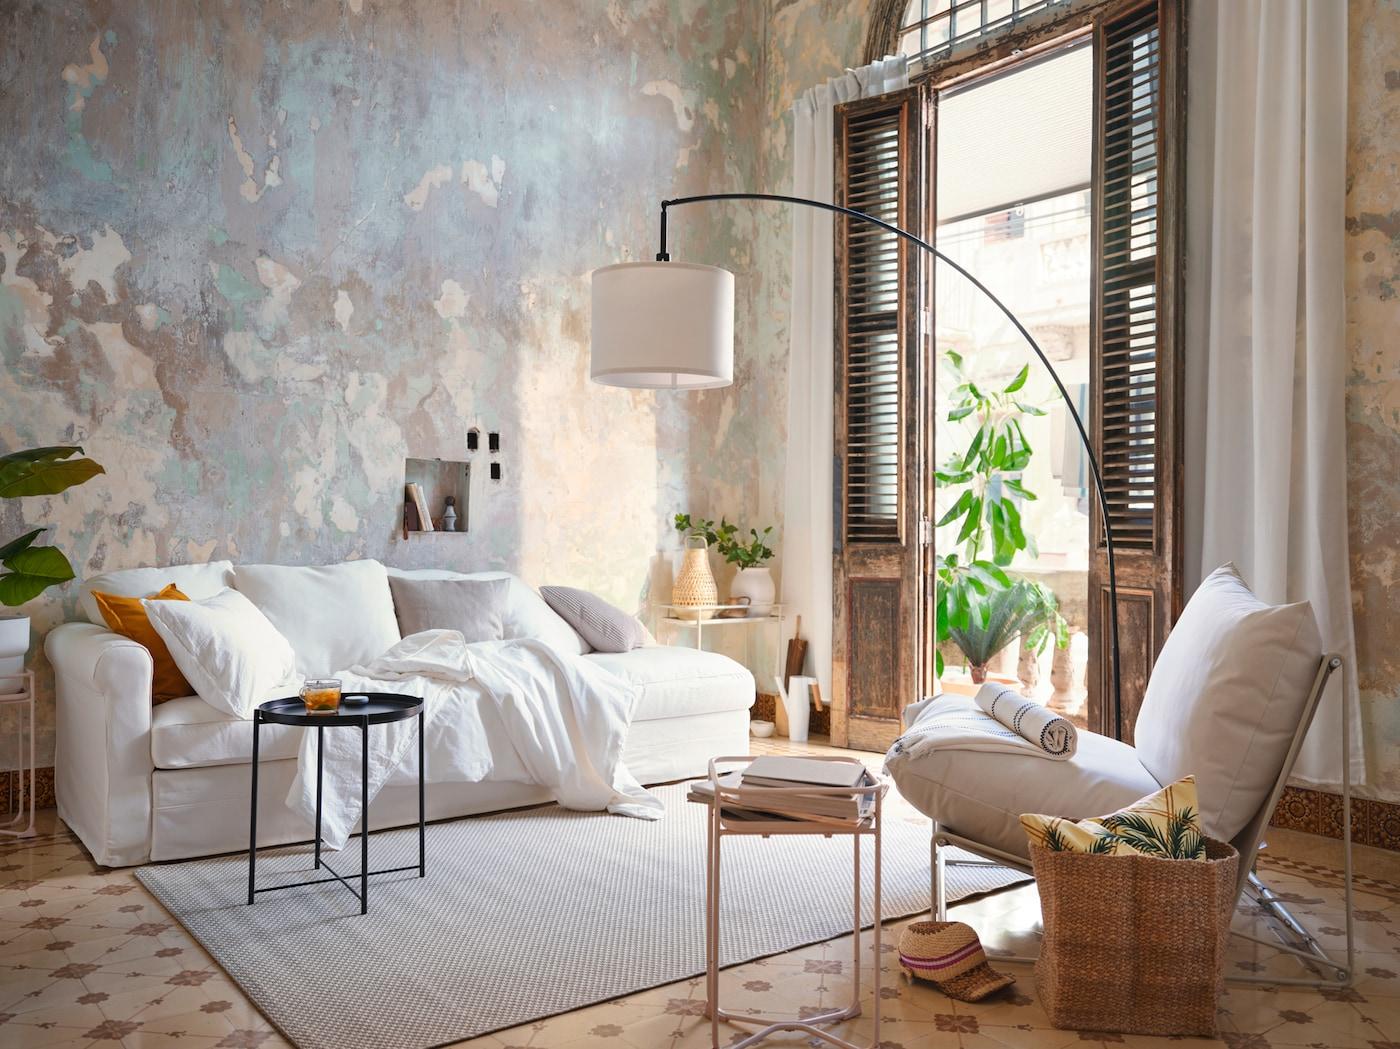 Un sofà blanc en una estança de color beix i gris amb coixins escampats, una taula auxiliar negra i una butaca blanca.